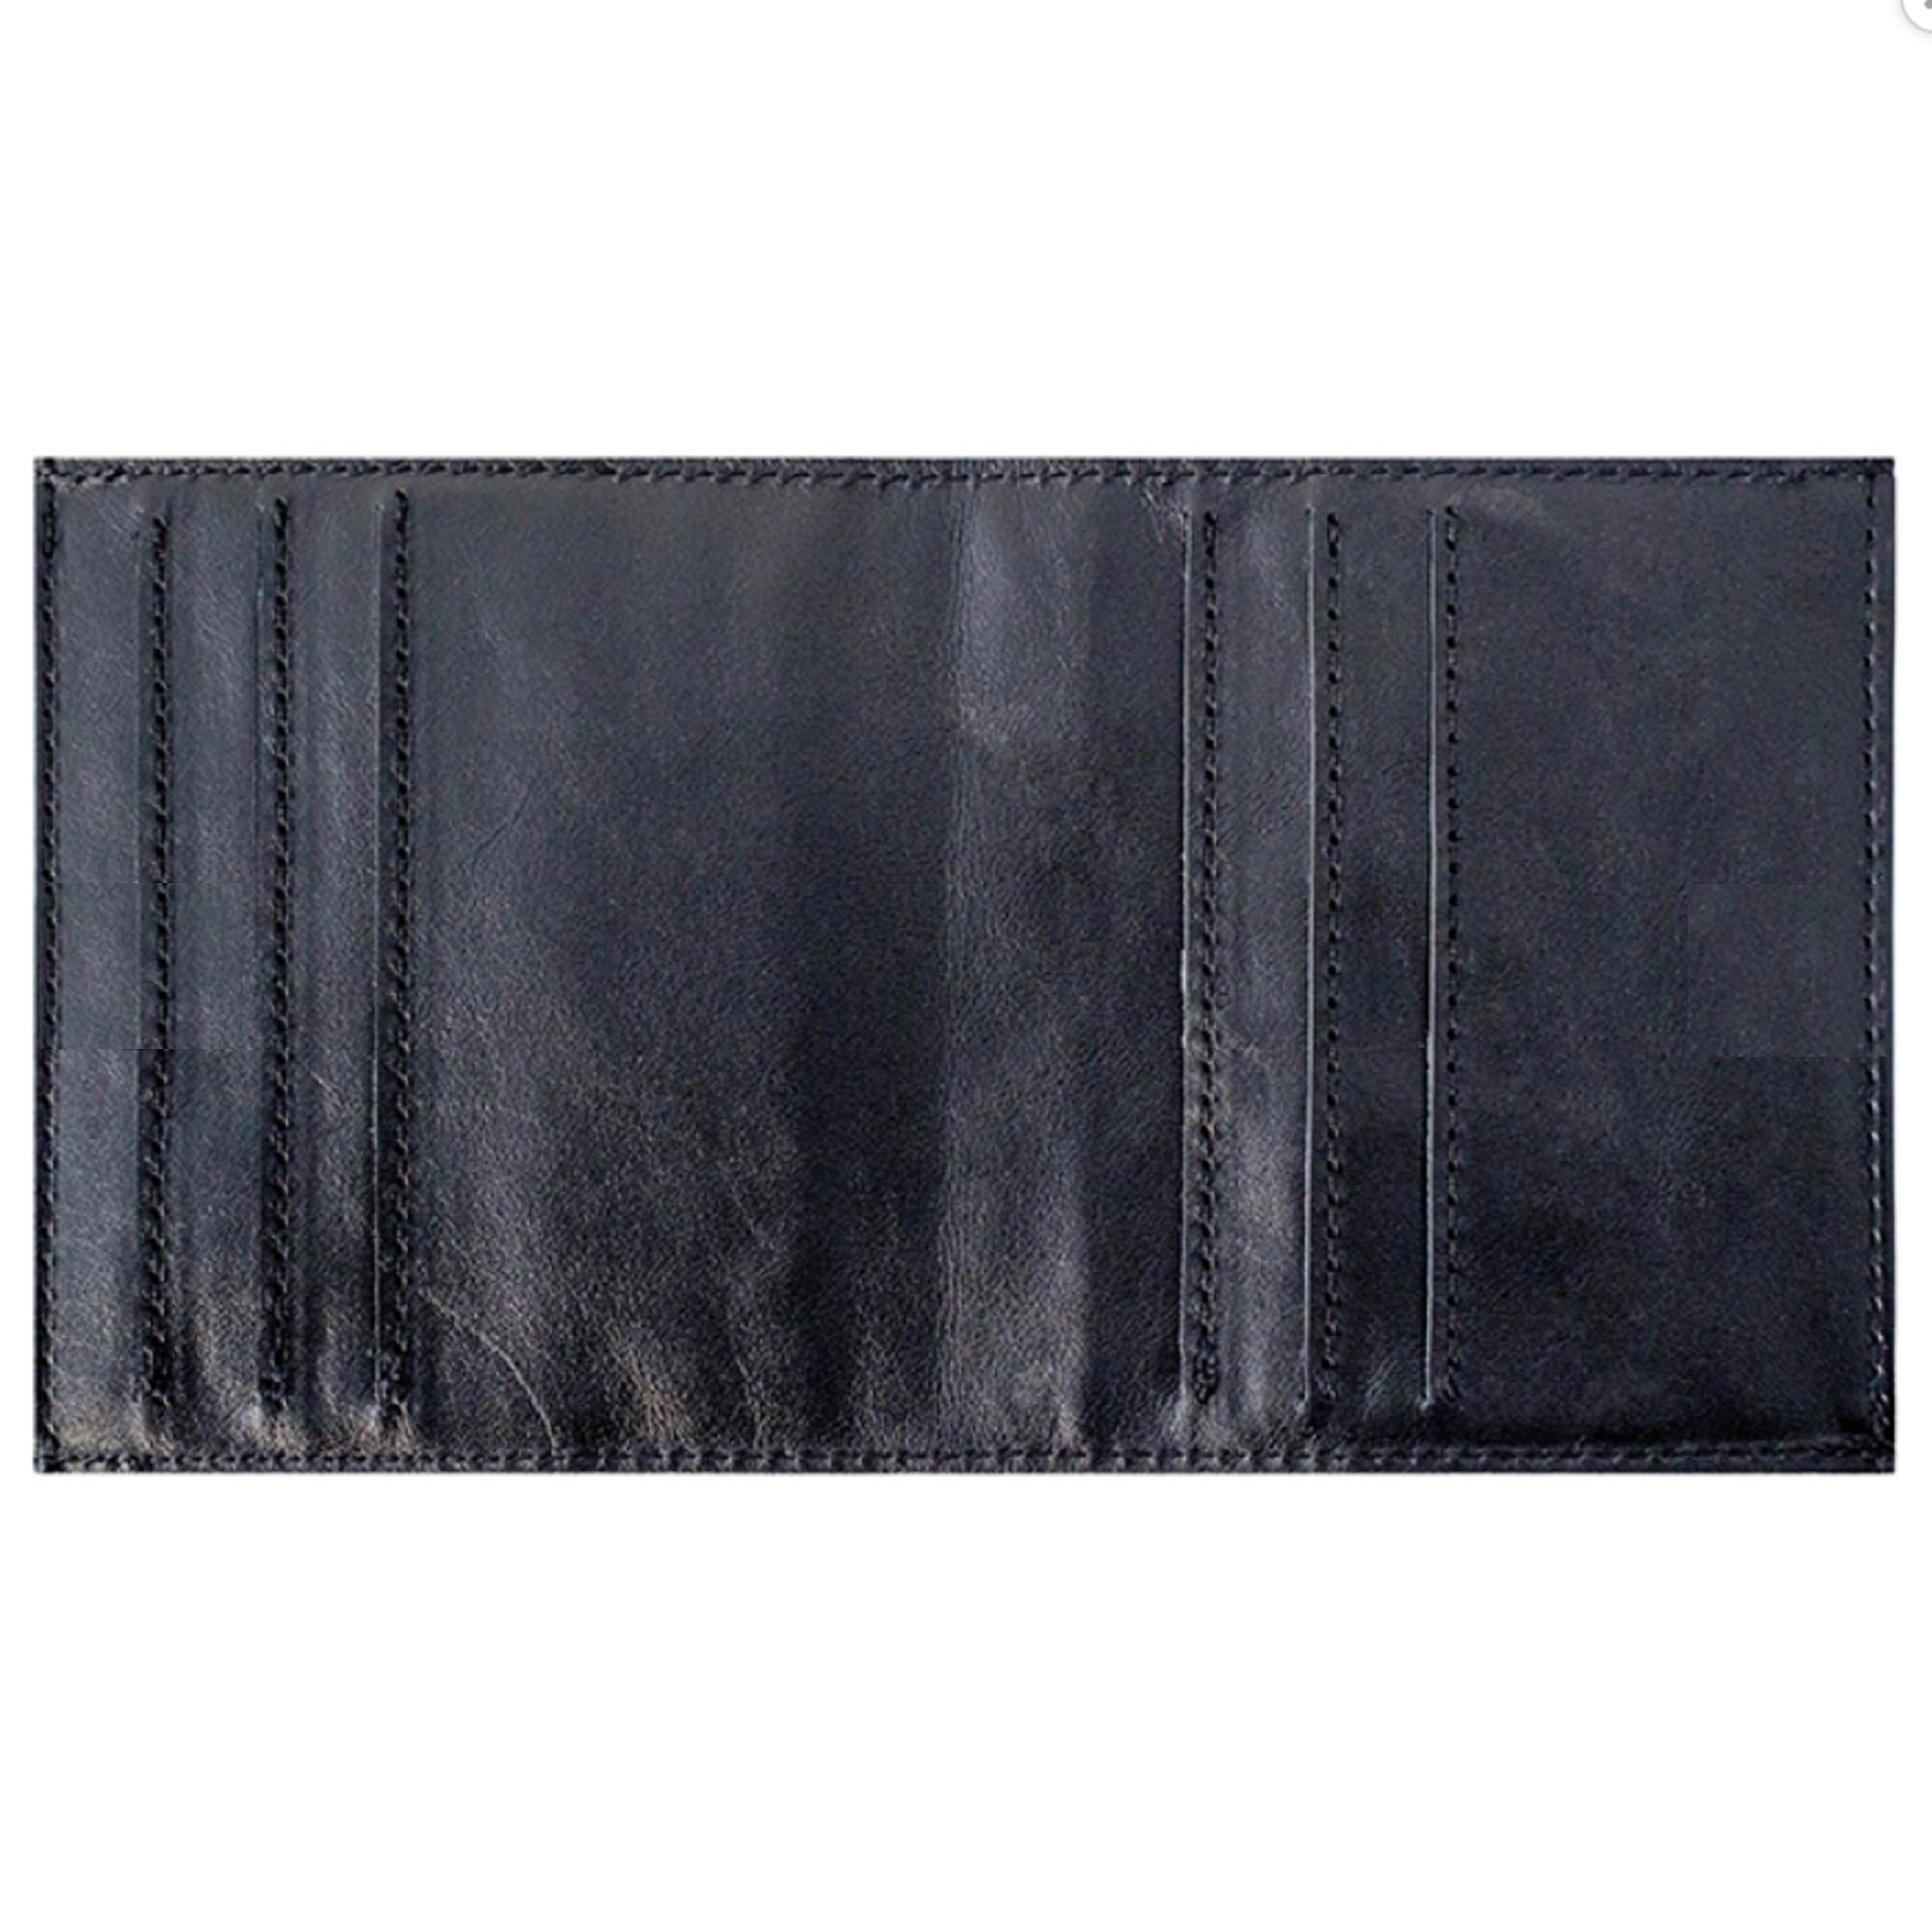 Футляр для визитных карточек «Лавры». Цвет черный